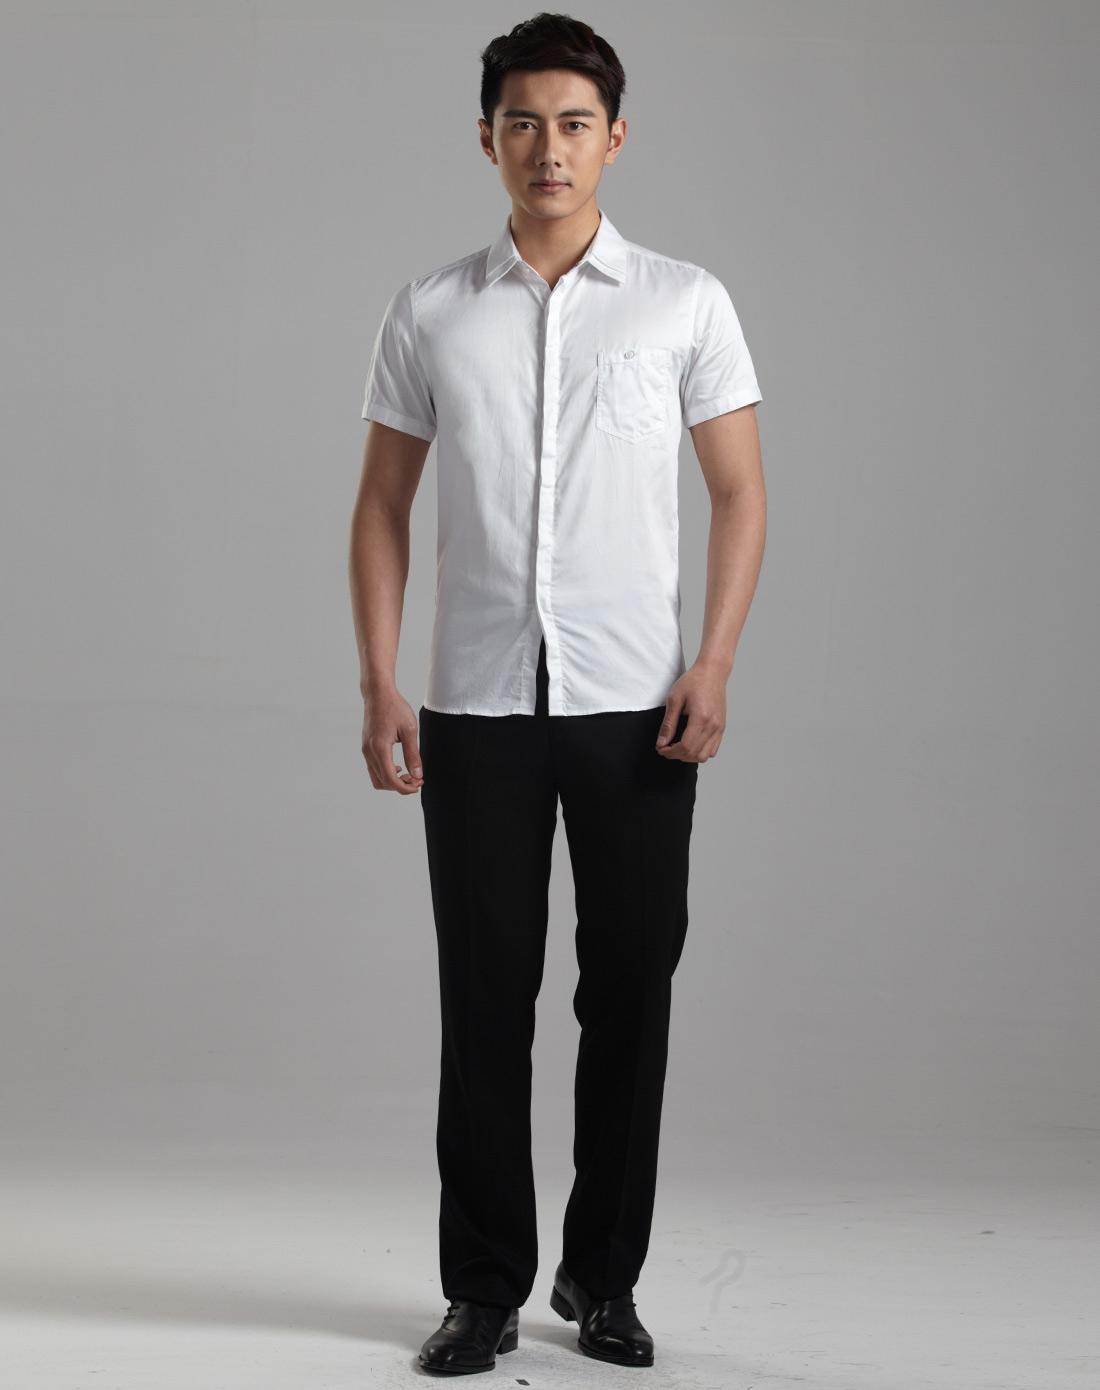 男士衬衫短袖衬衫配什么裤子